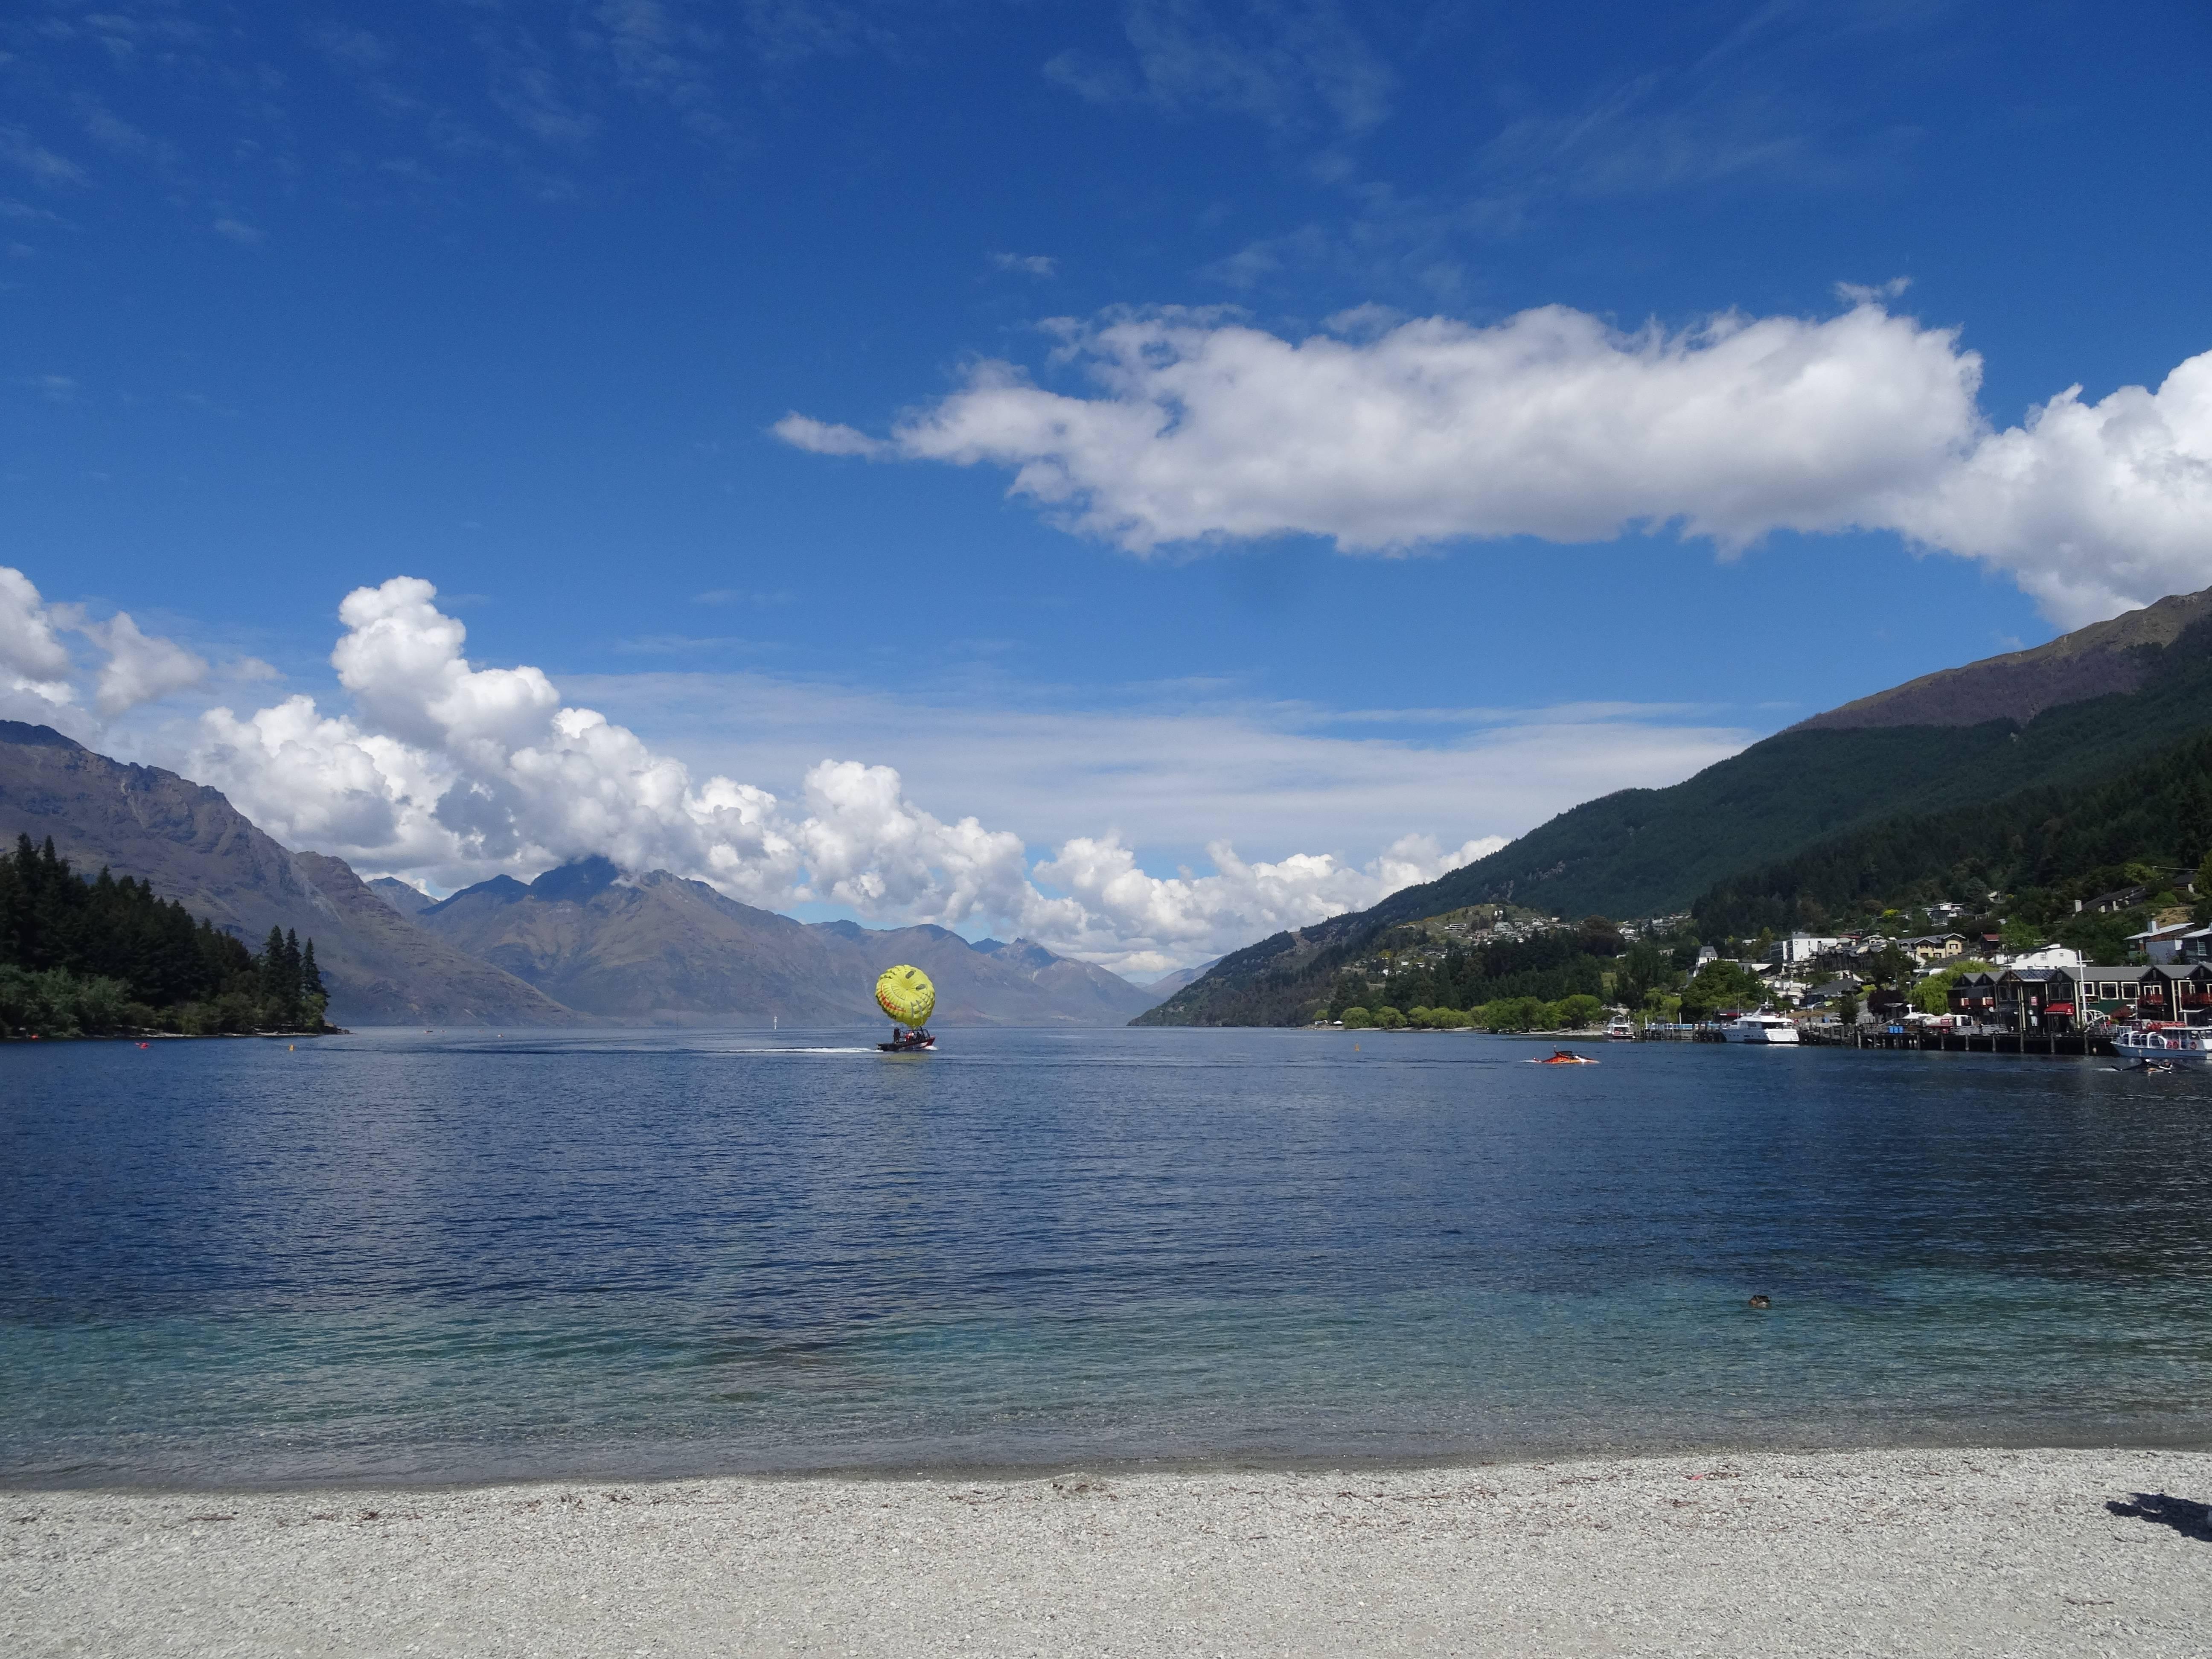 Photo 3: Queenstown, Nouvelle-Zélande, la St-Moritz des antipodes